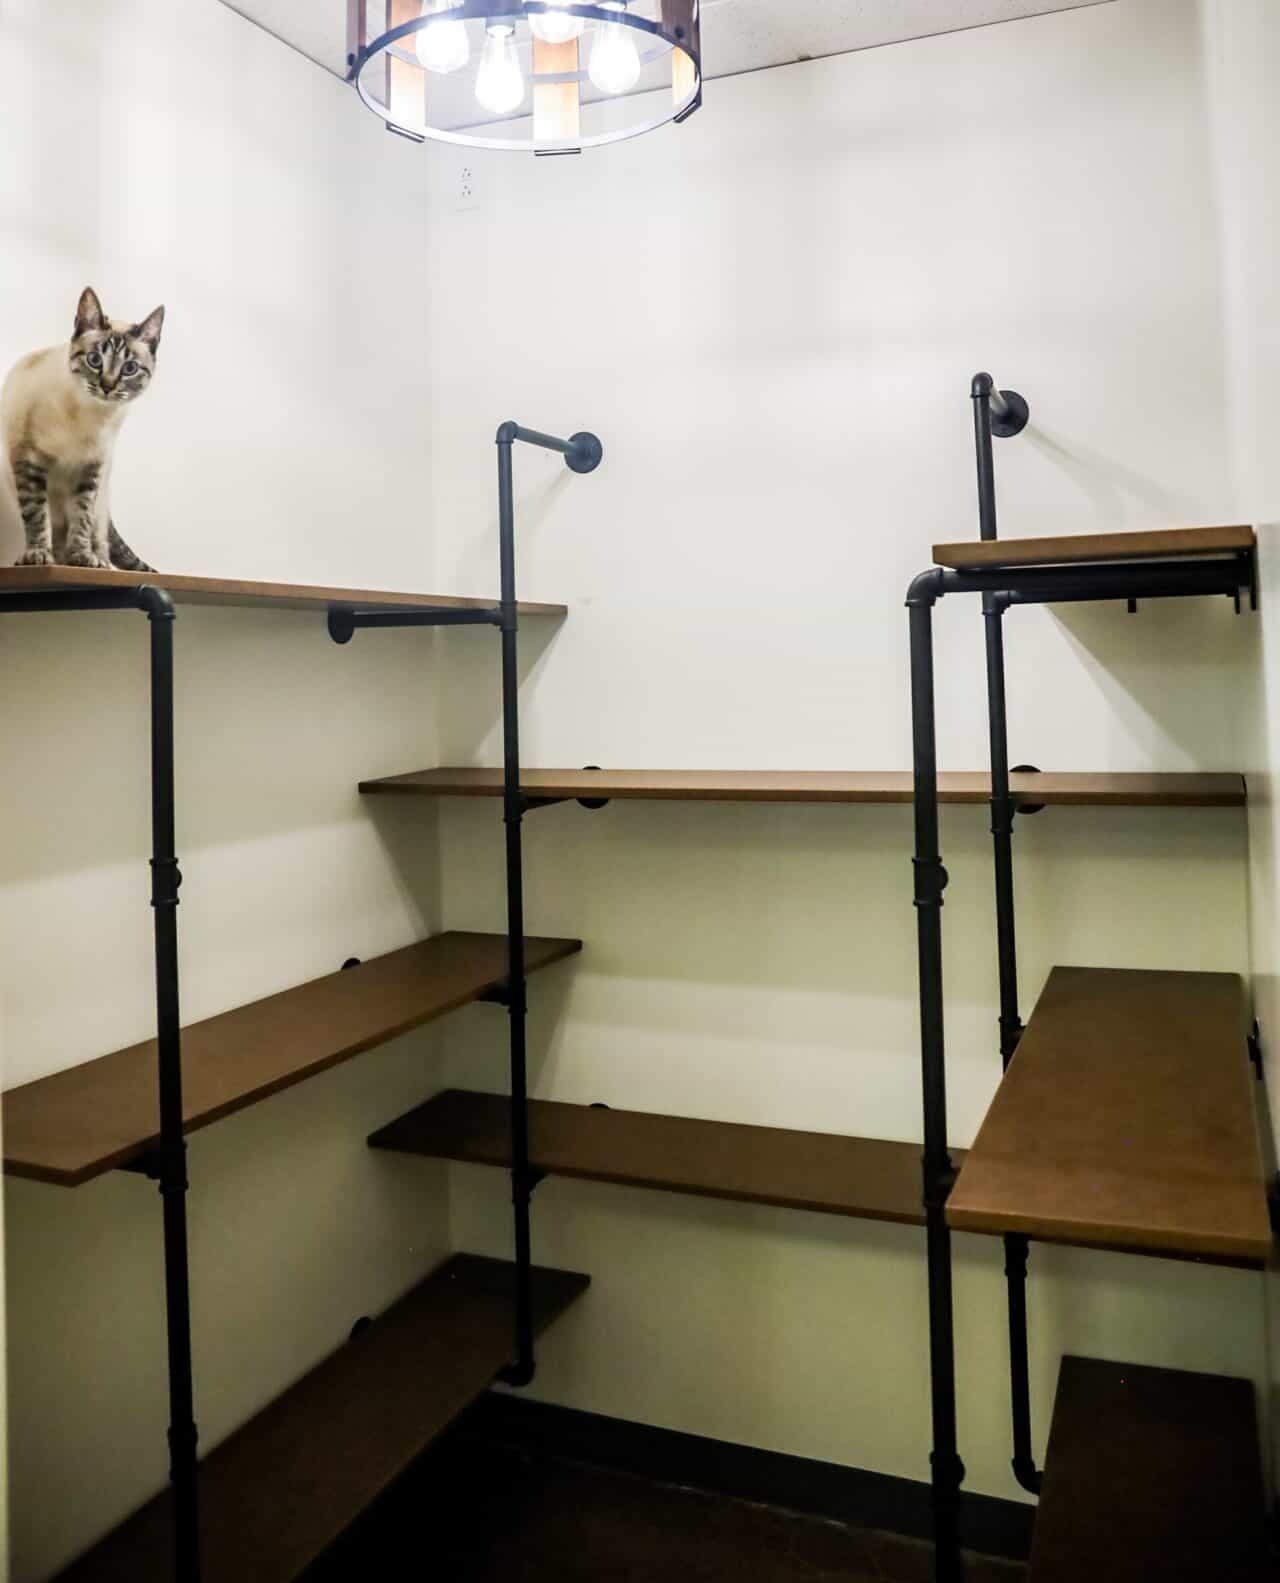 St. Charles multi-level cat condo